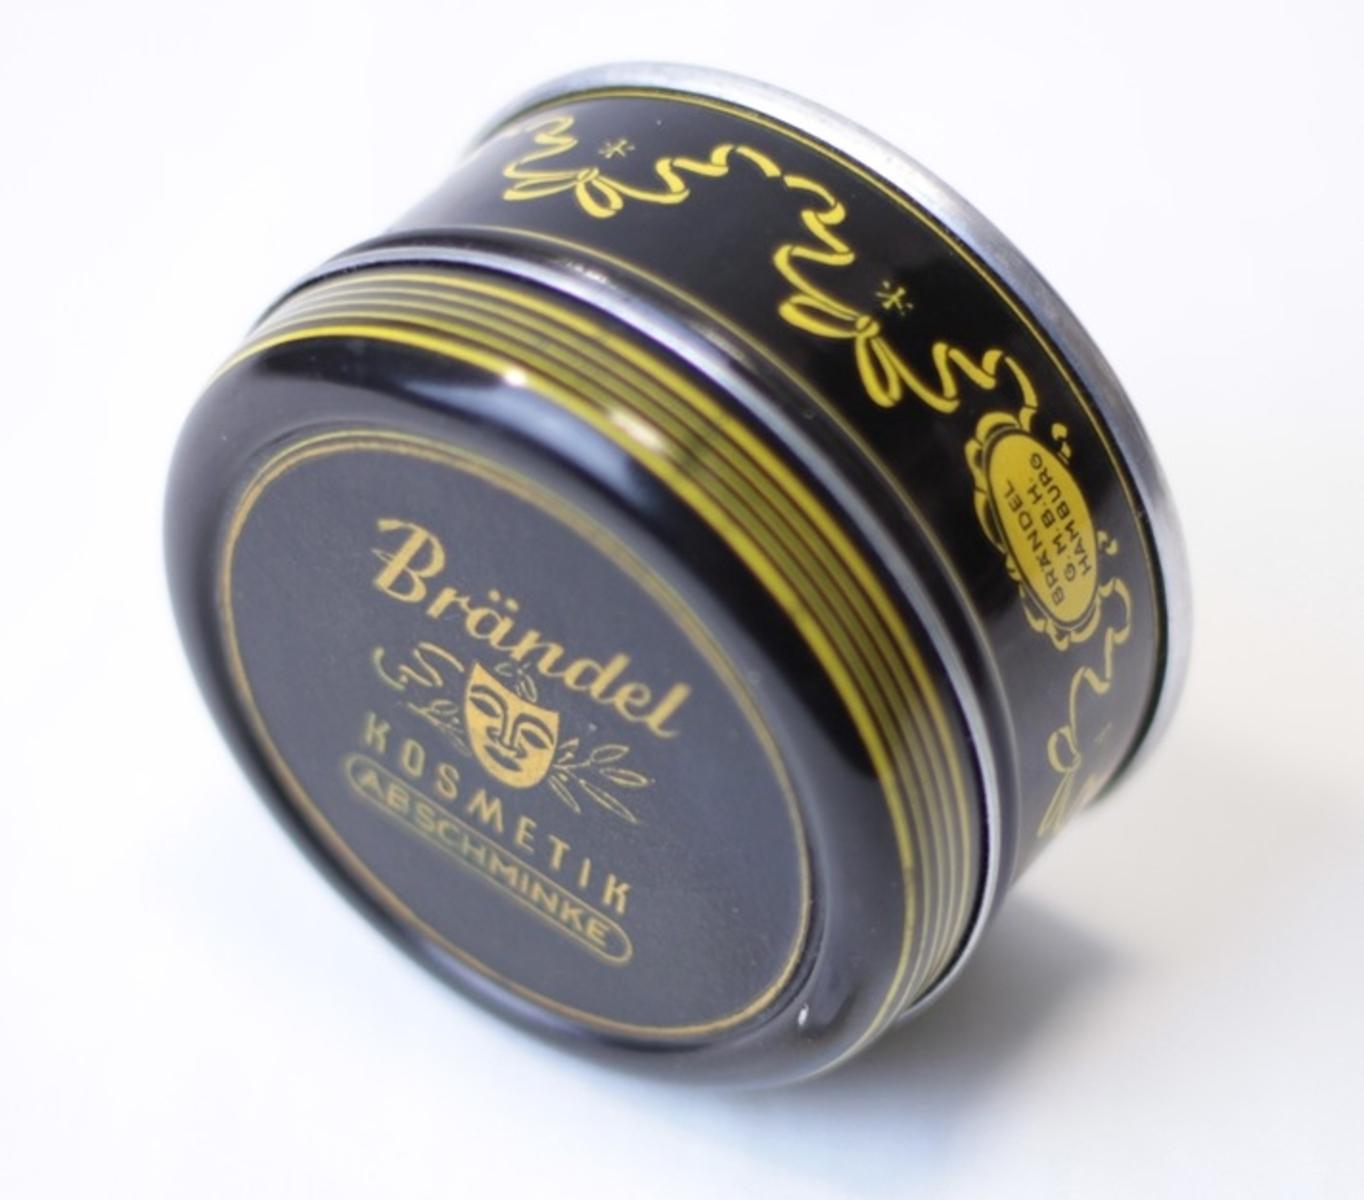 braendel-kosmetik-abschminke-01.jpg